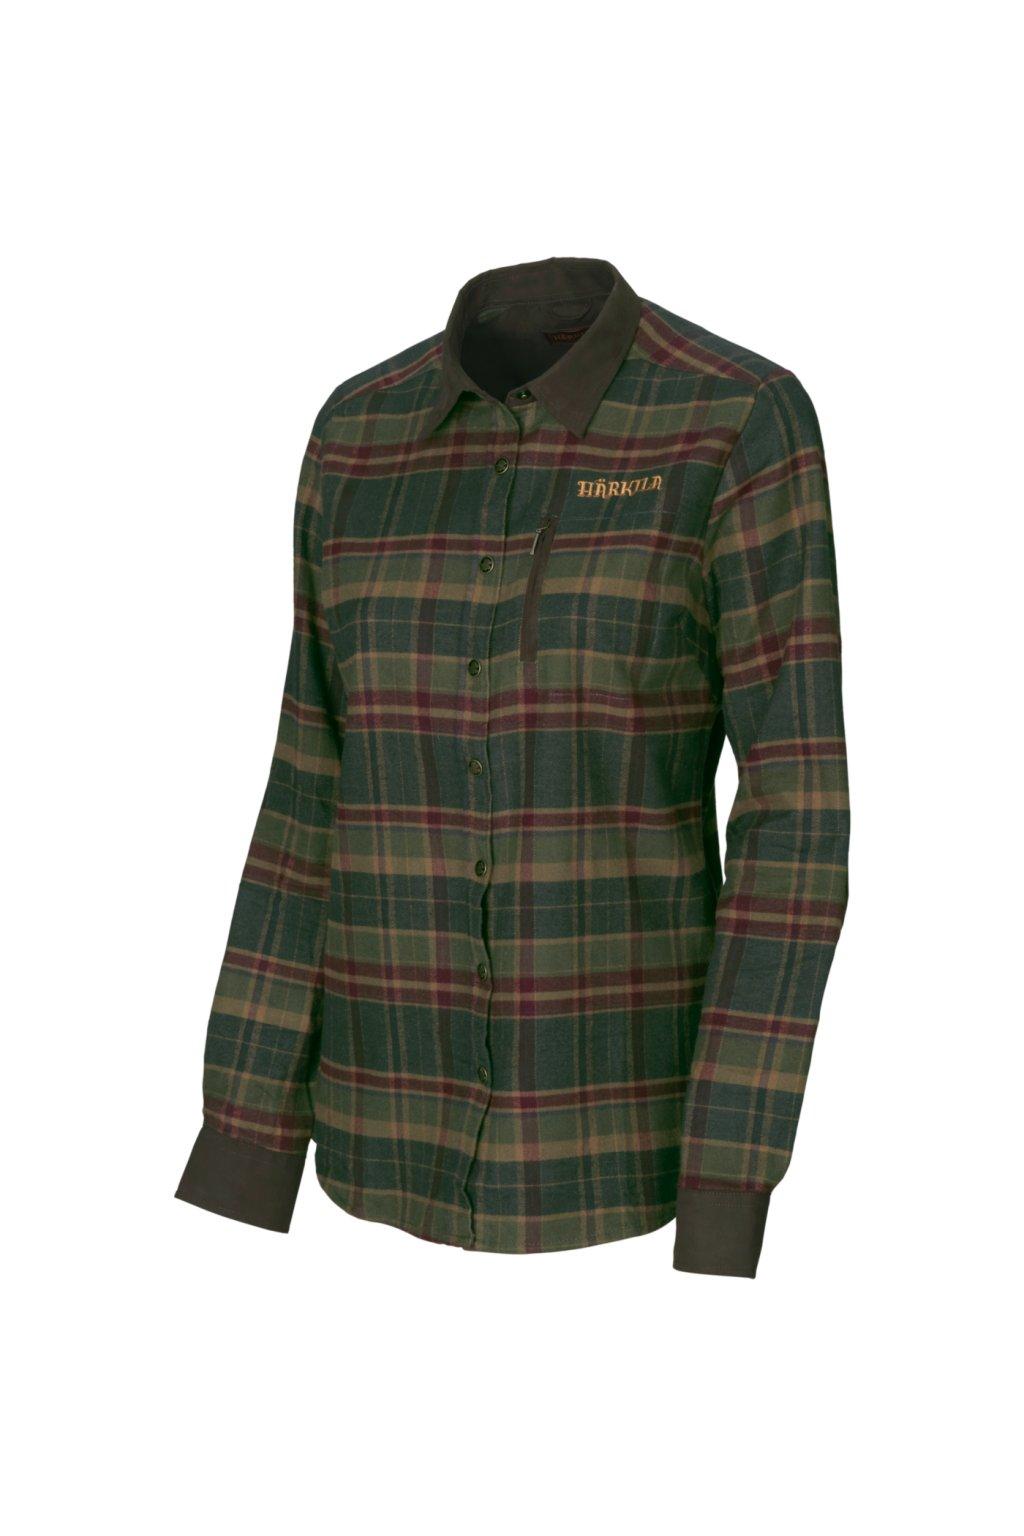 HÄRKILA - Pajala lady košile barva Rosin green check